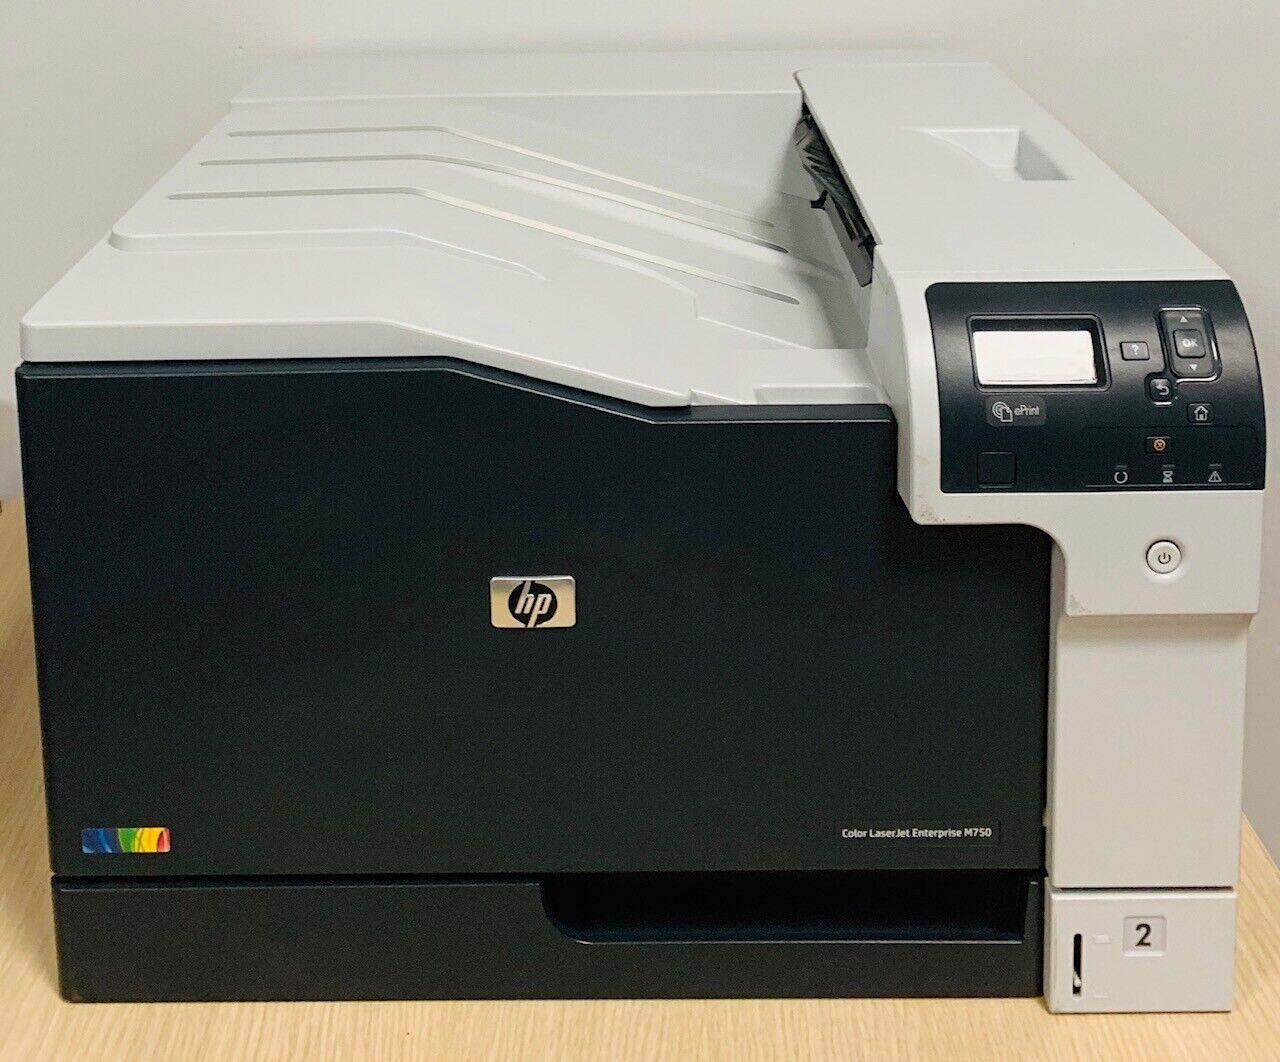 Hp d3l09a colorlaserjet enterprise m750 imprimante laser couleurs a3, net, 30ppm